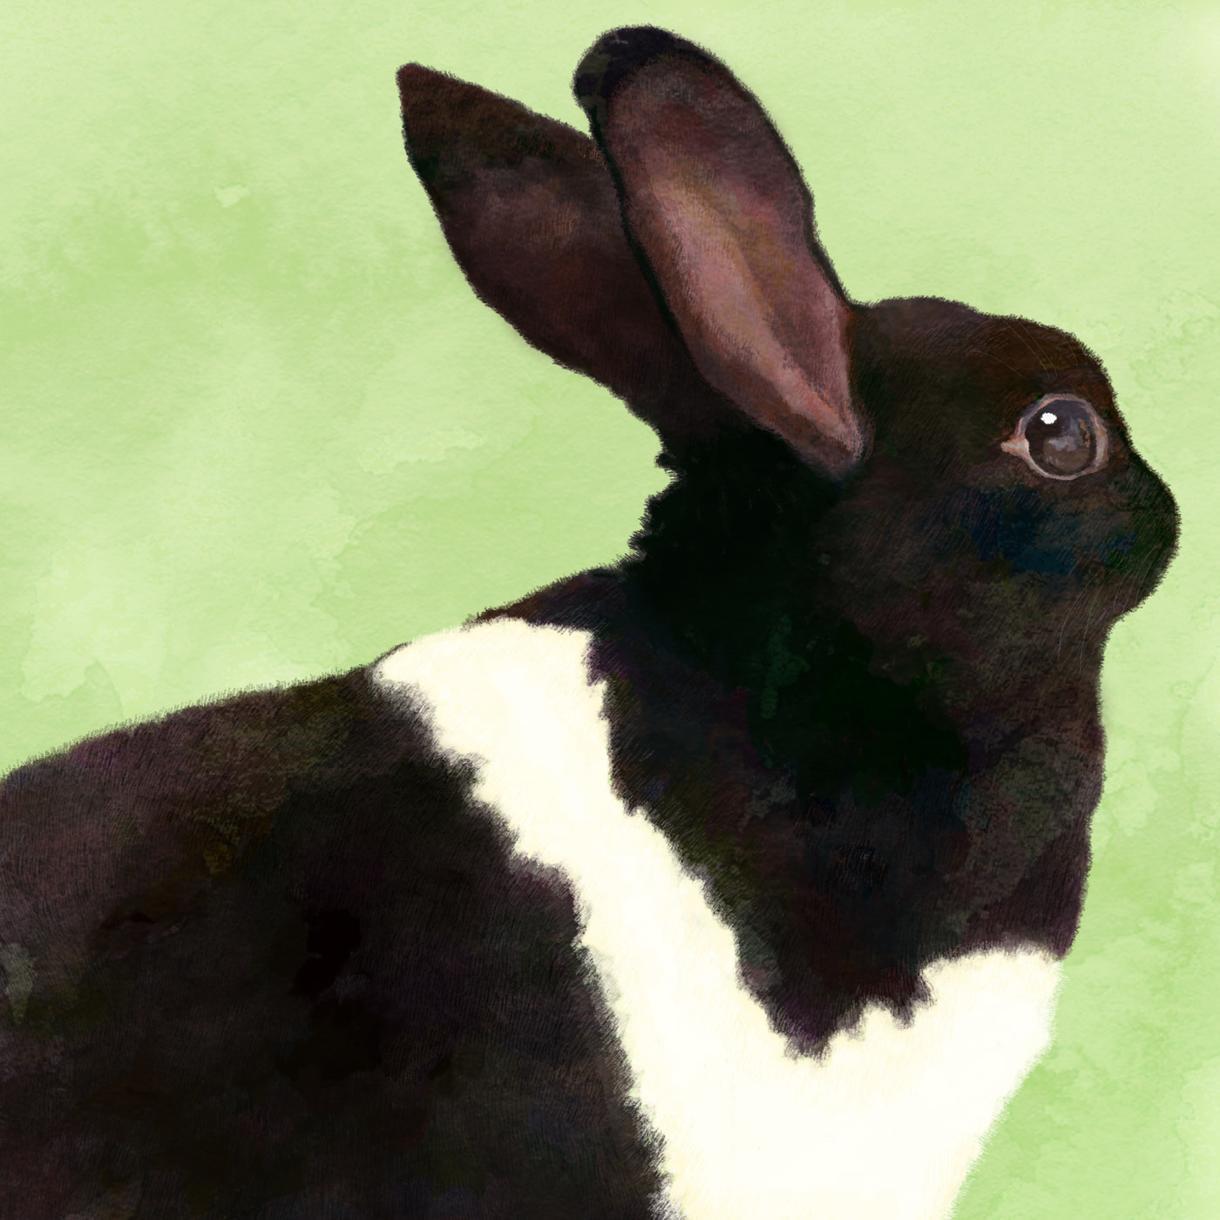 リアルタッチで動物のイラストをお描きします ペット、好きな動物のイラストがほしい方へ